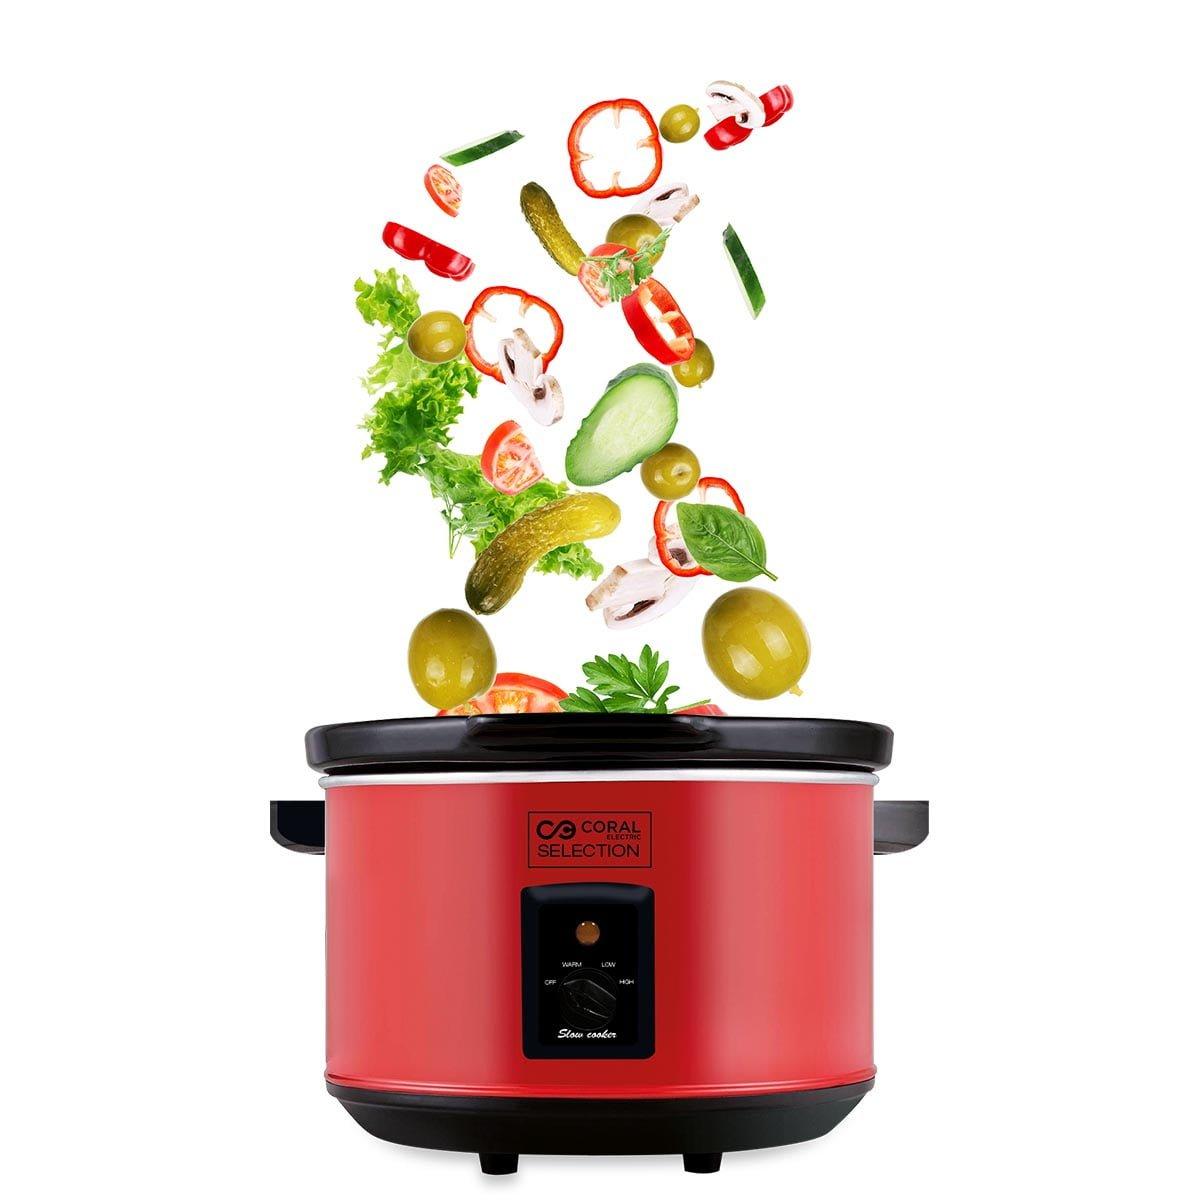 Krčko lonac SC-350 Selection-Aparat za sporo kuvanje 5,5 l